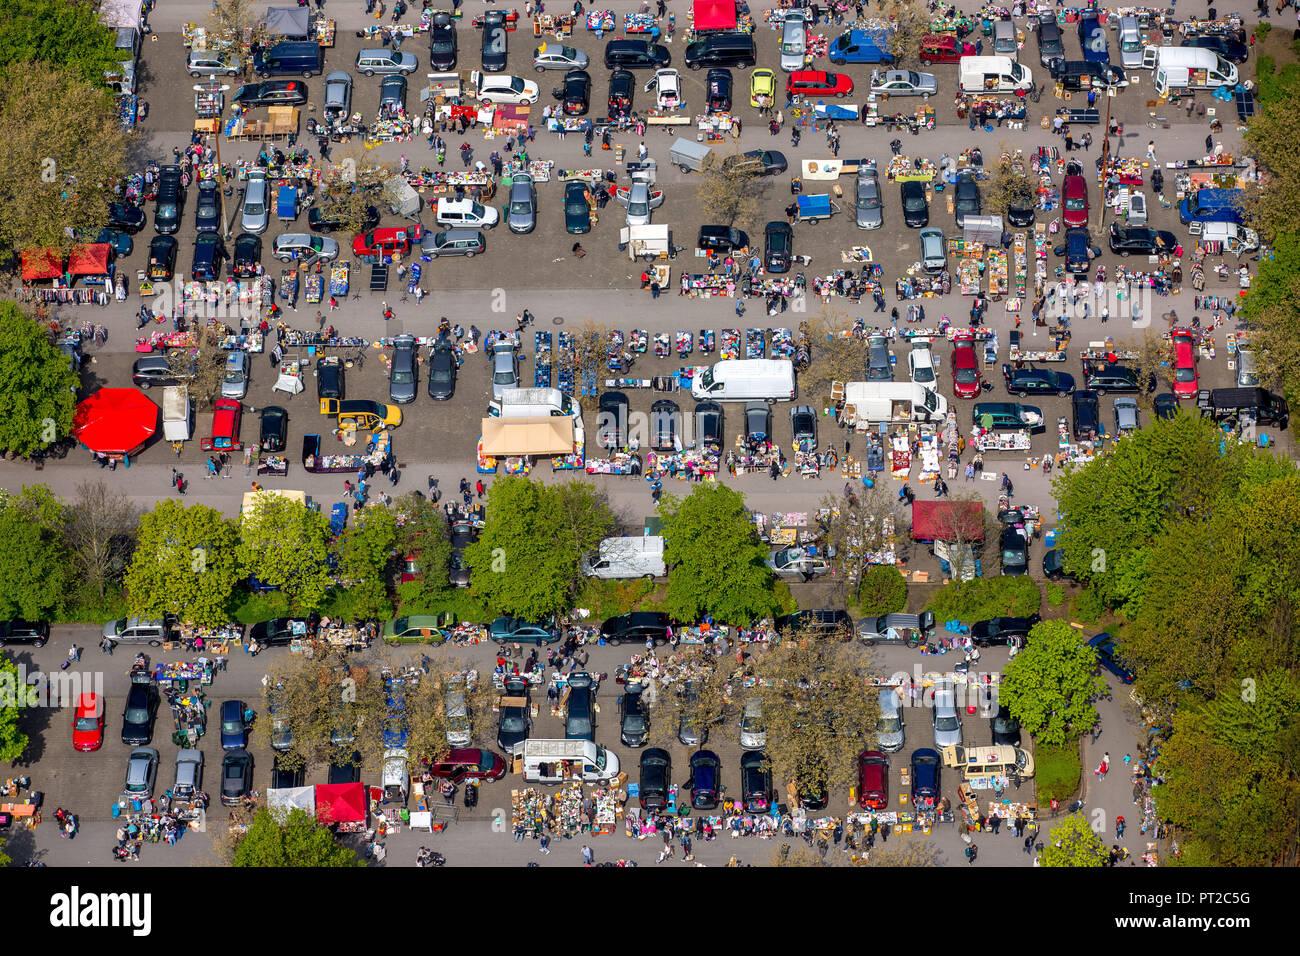 Büromöbel Second Hand Dortmund : flohmarkt an der universit t dortmund schn ppchen markt second hand markt dortmund ~ Yuntae.com Dekorationen Ideen